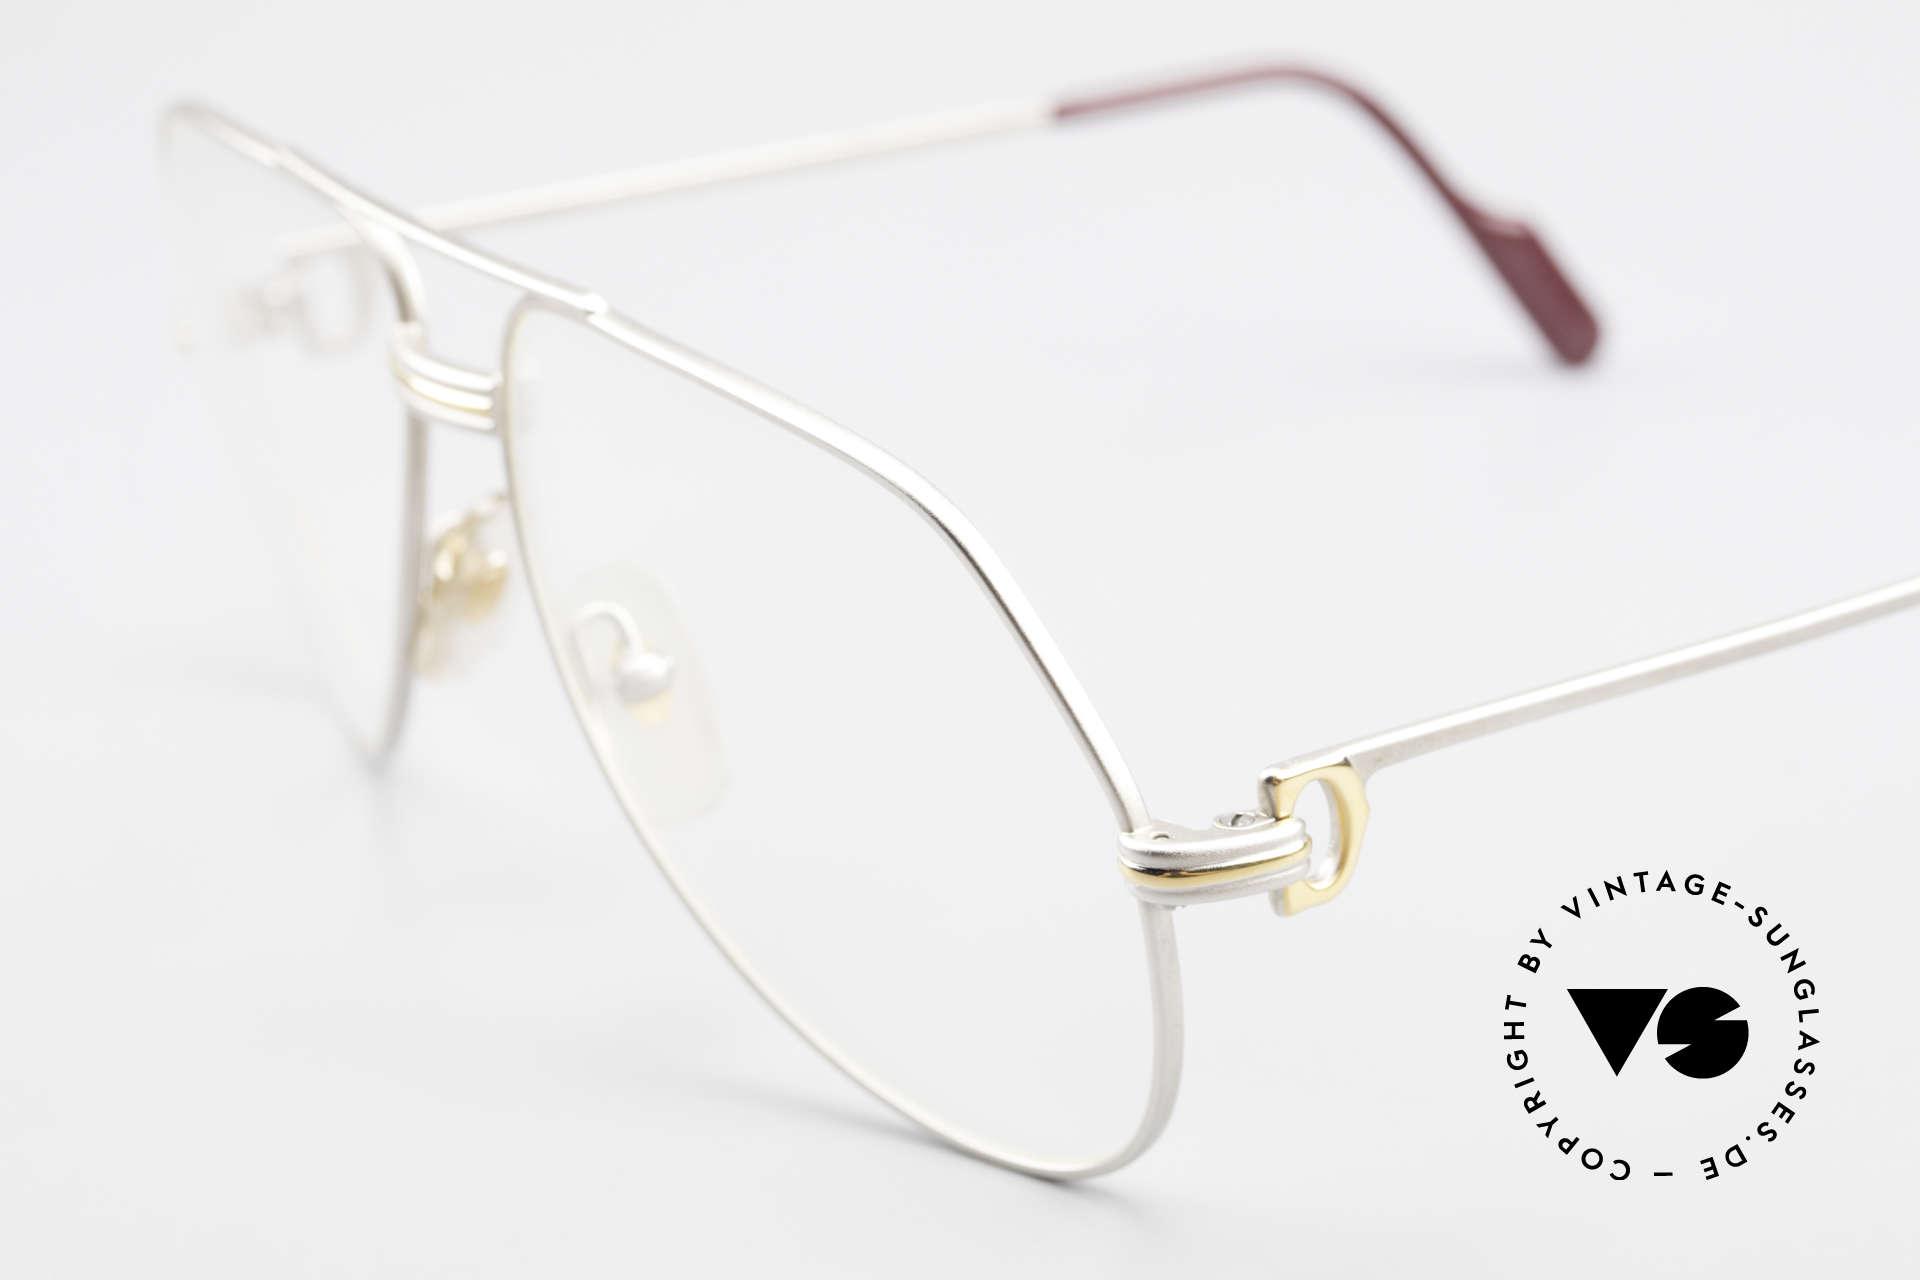 Cartier Vendome LC - M Kostbare Palladium Edition, seltene & entsprechend teure Palladium-Luxus-Edition, Passend für Herren